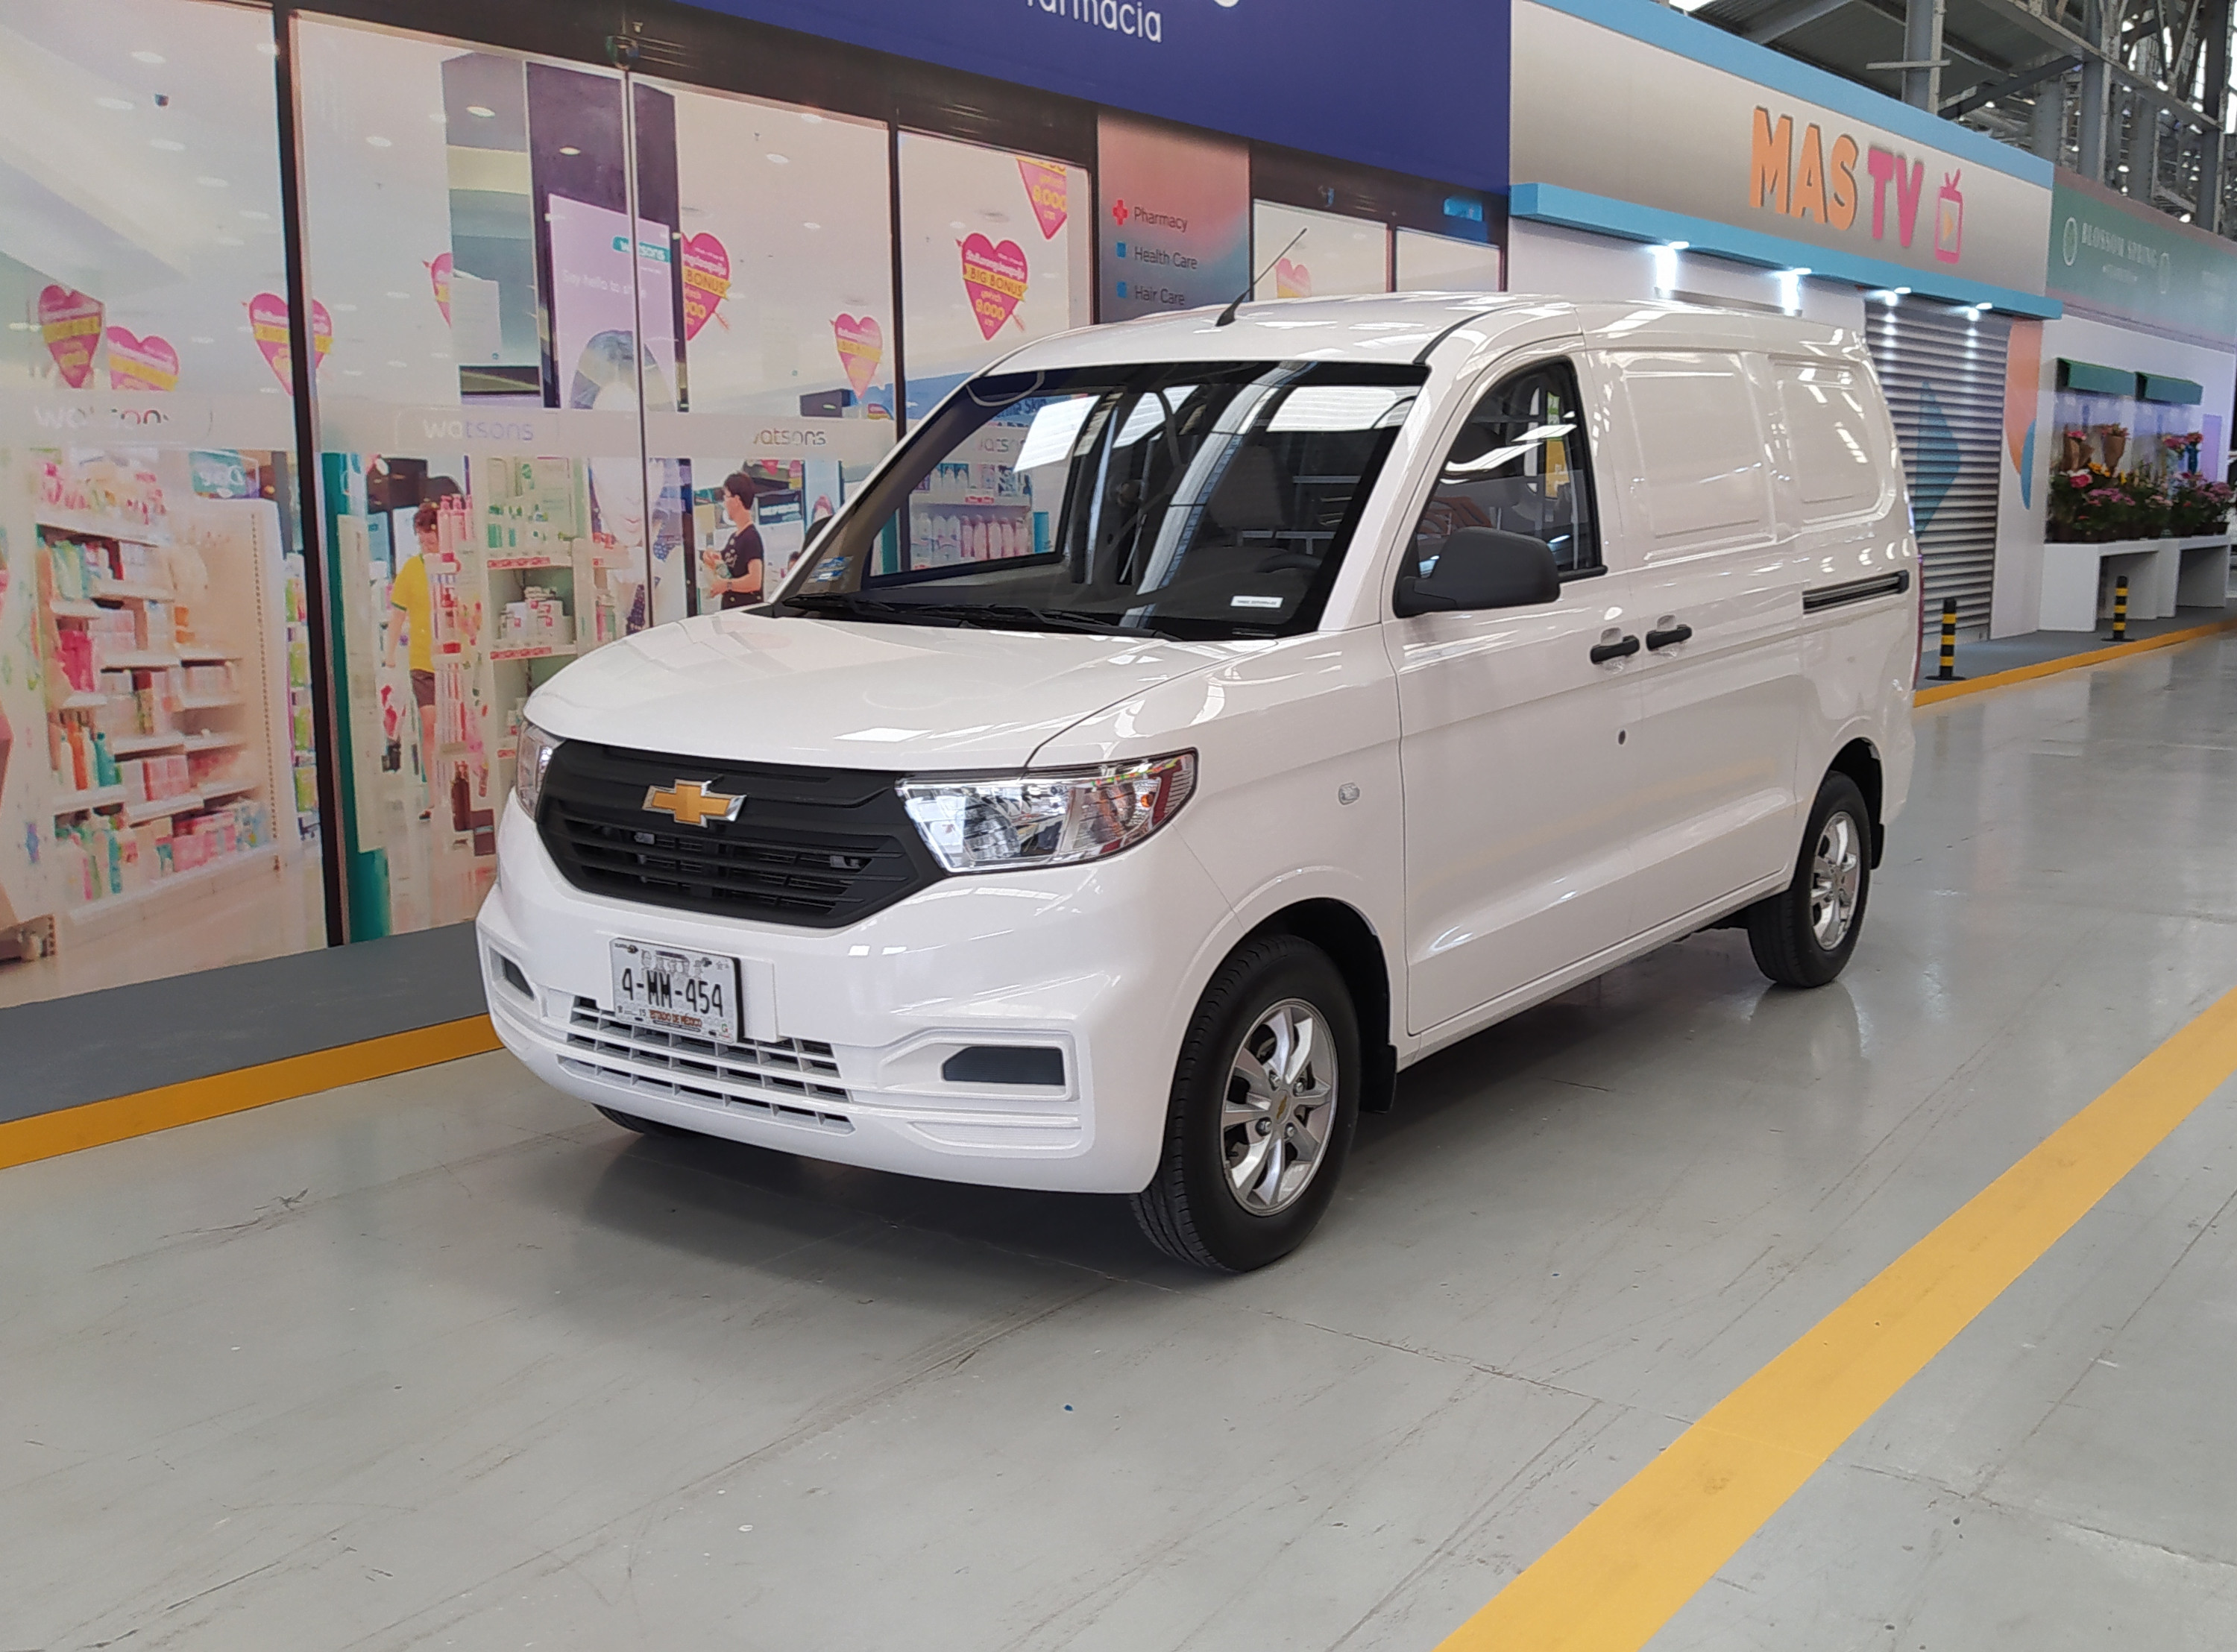 ¿Qué Van es mejor para tu negocio?: Chevrolet Tornado Van, ProMaster Rapid, Kangoo, Partner, Caddy y Transit